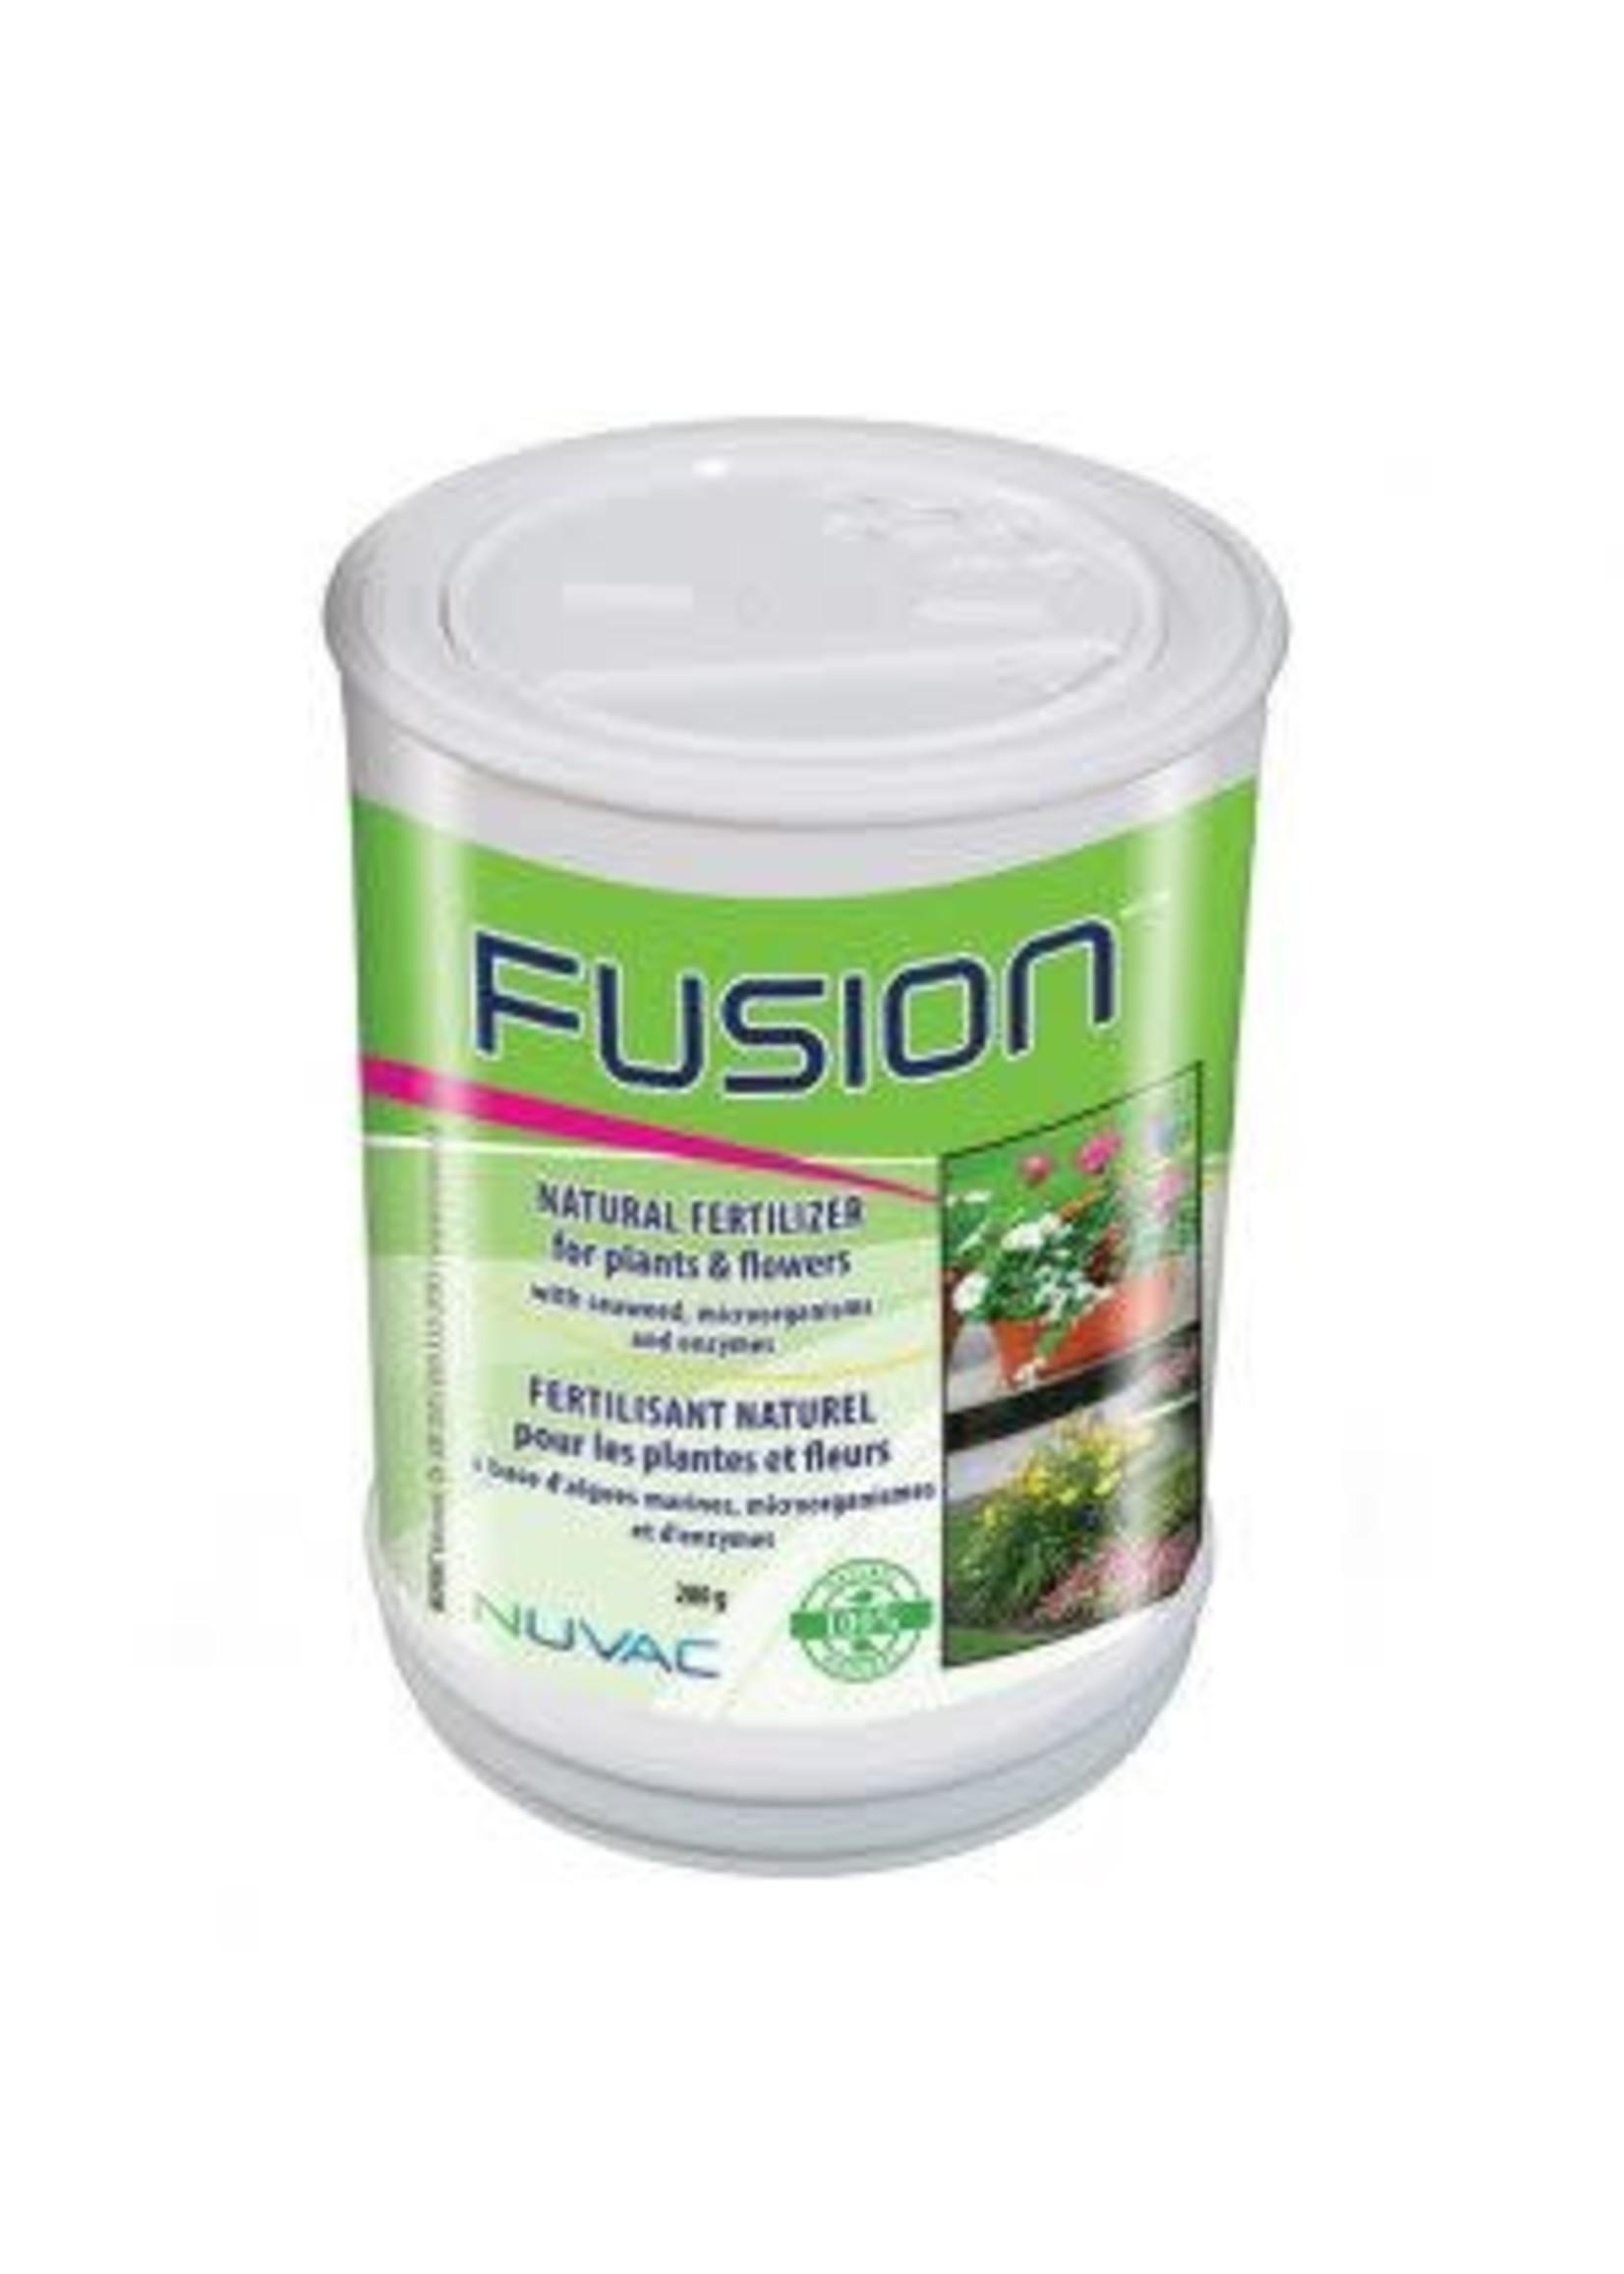 Nuvac Fusion 280 g, produit naturel fertilisant des sols